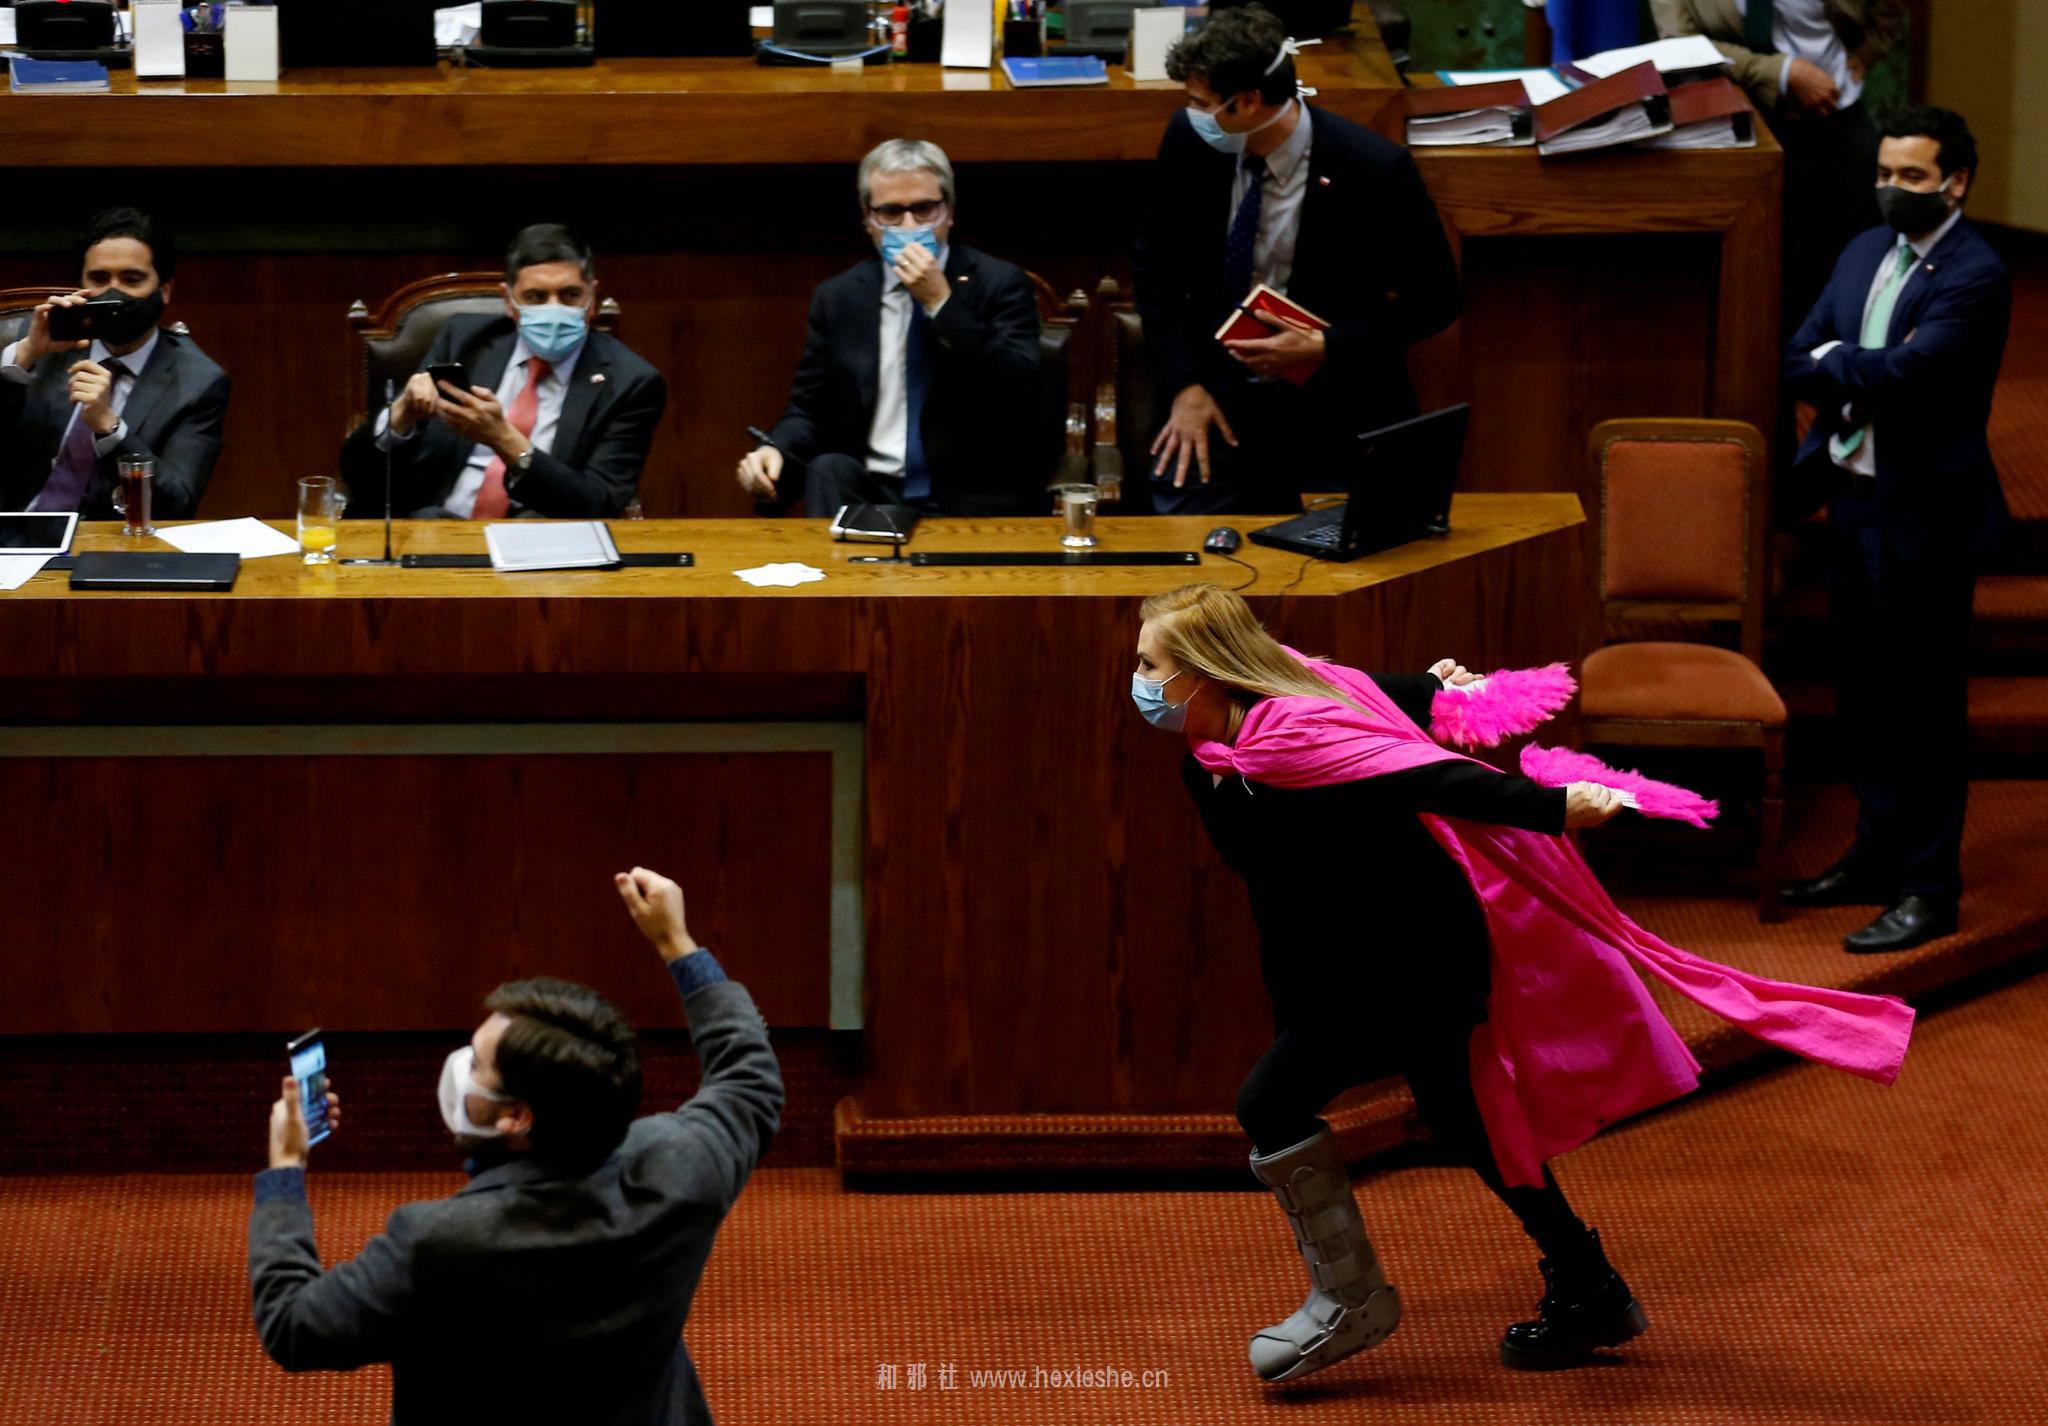 火影跑 智利女议员